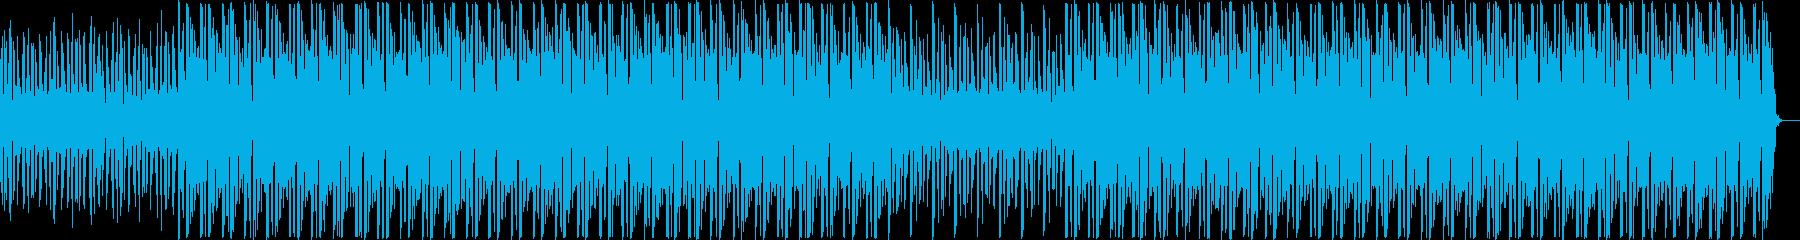 マッサージ・リラックス・癒しの再生済みの波形